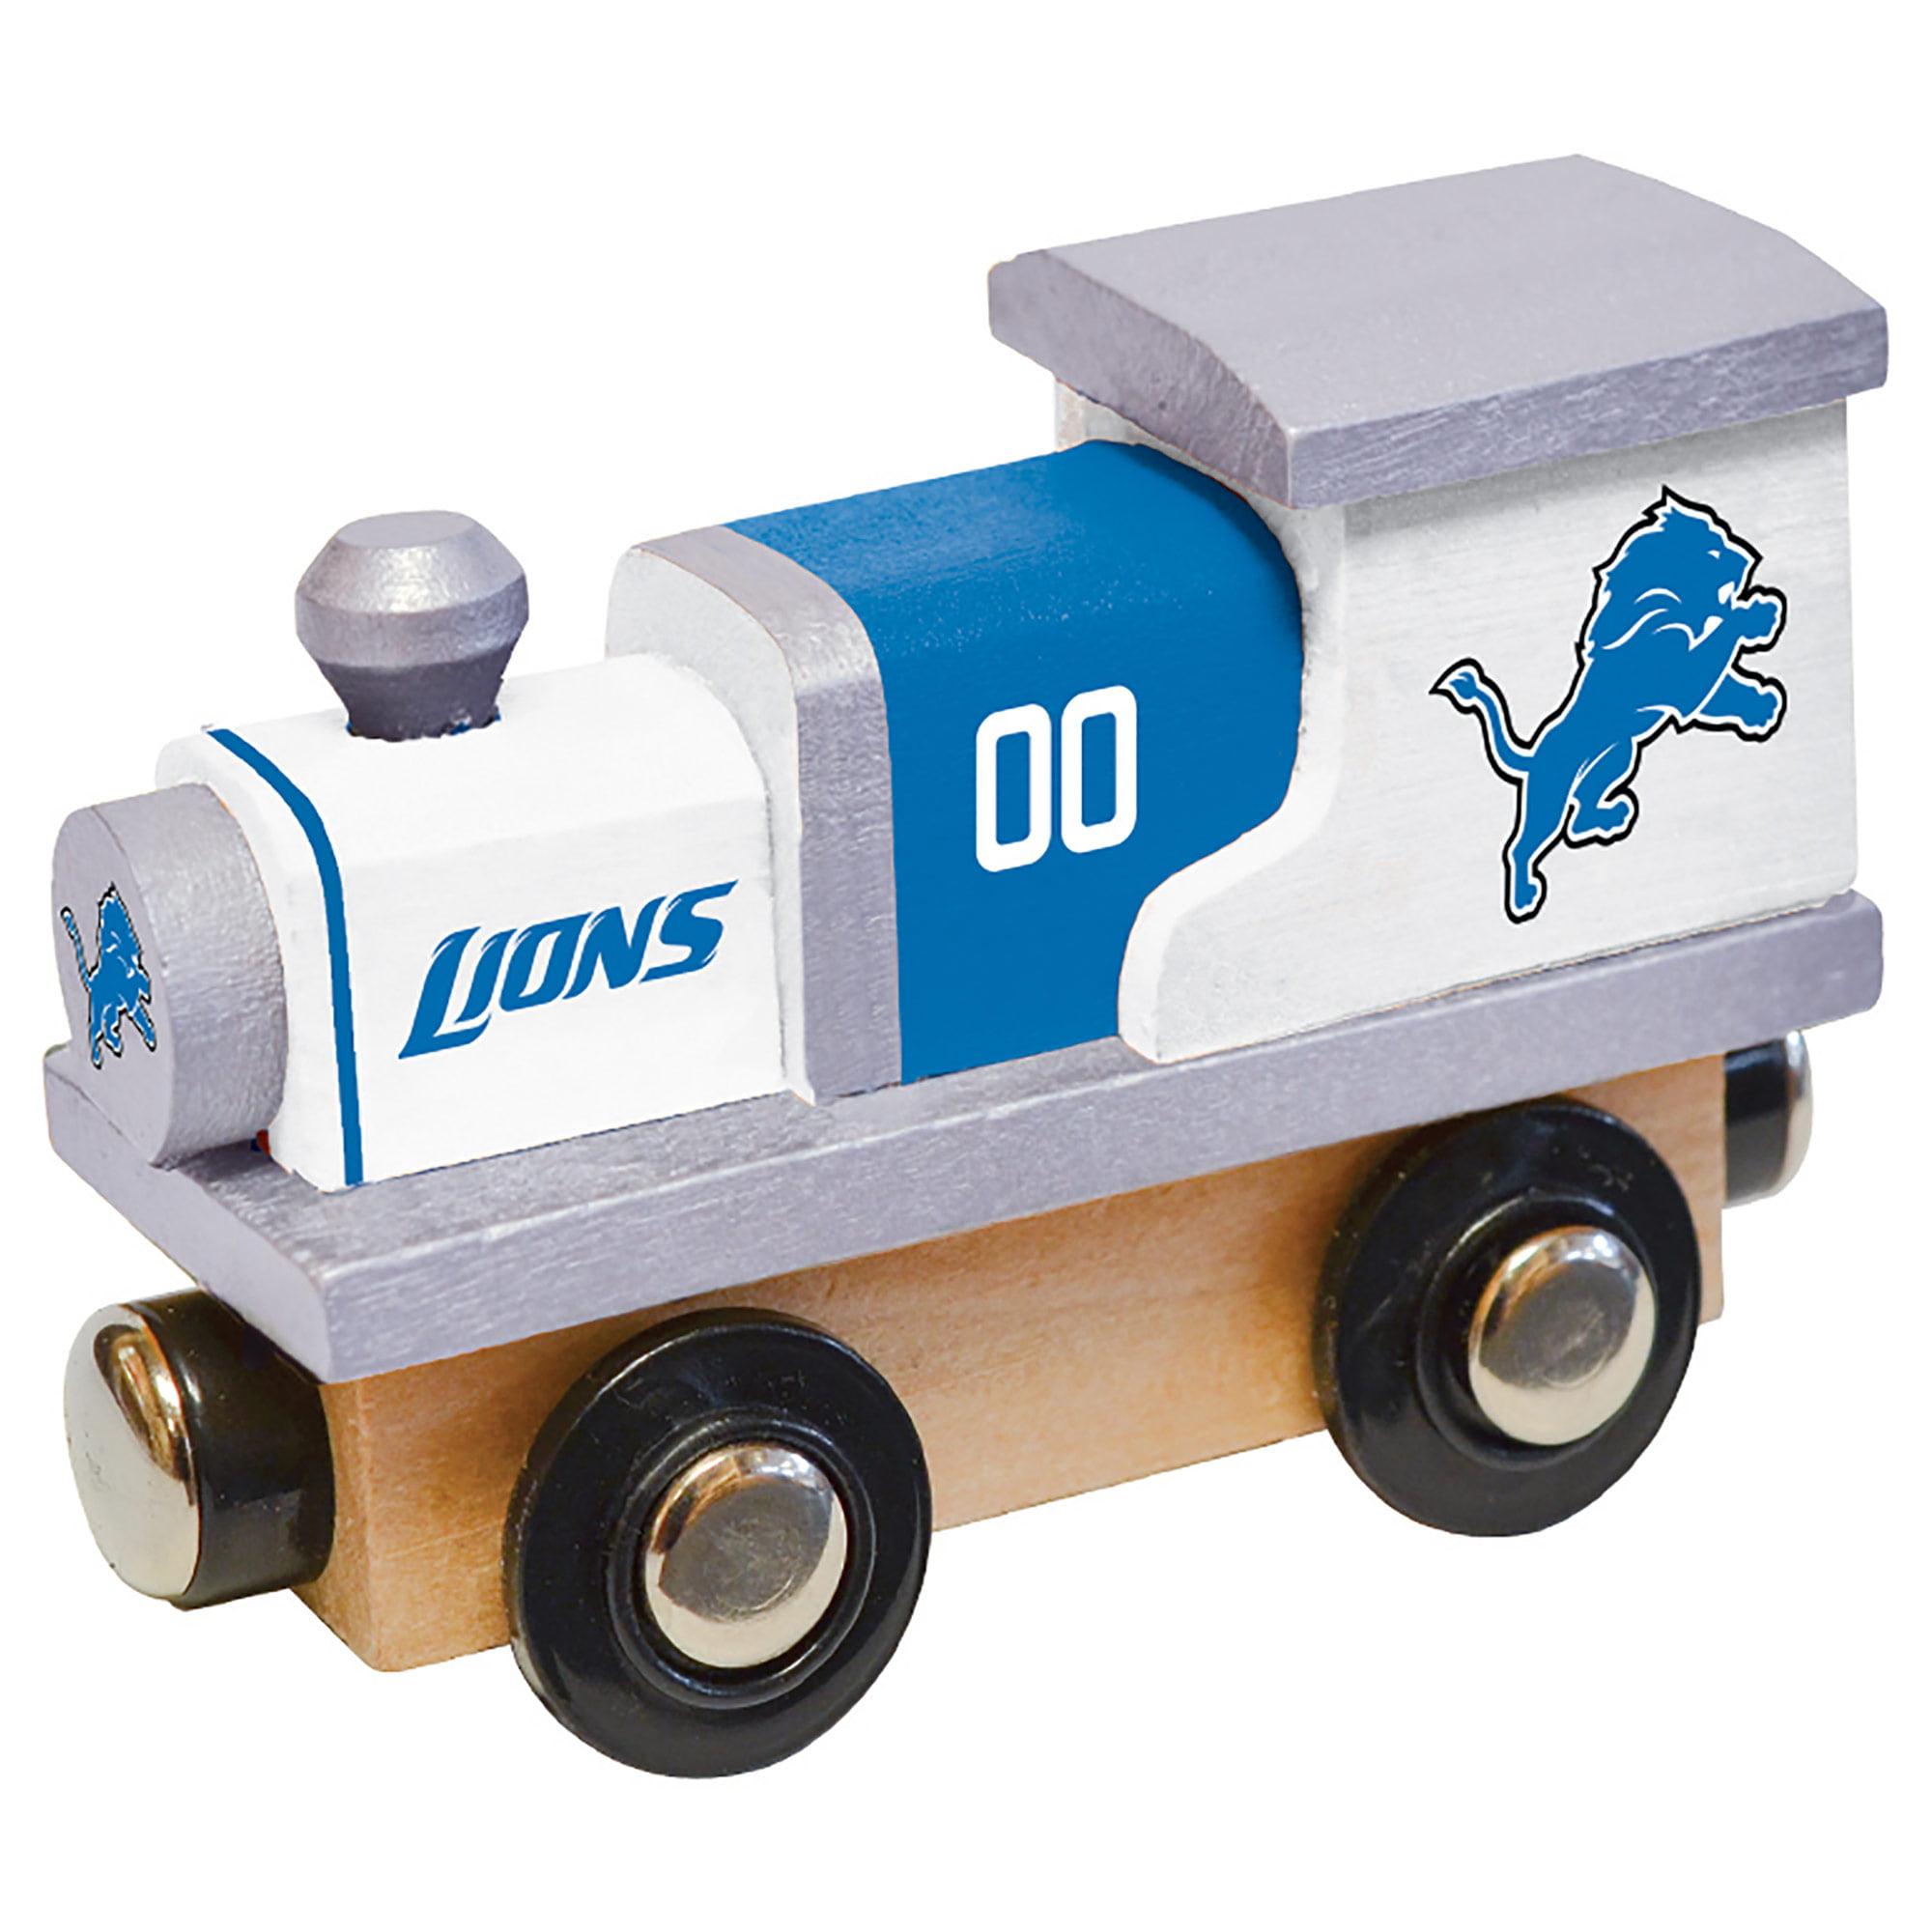 Detroit Lions NFL Train - No Size